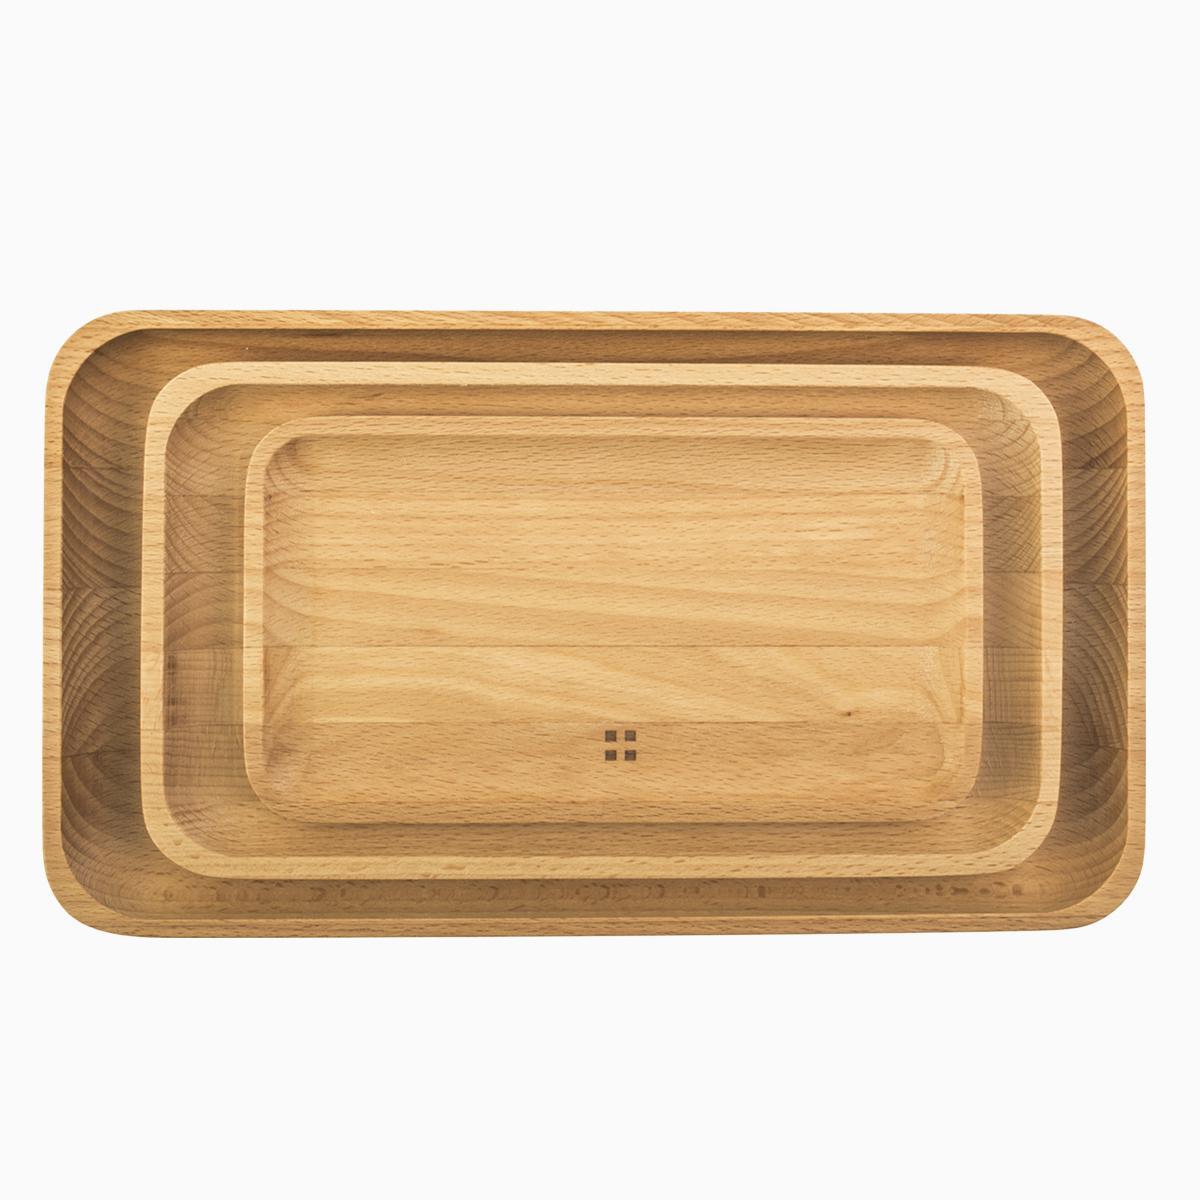 Wooden Tray 3-pcs set